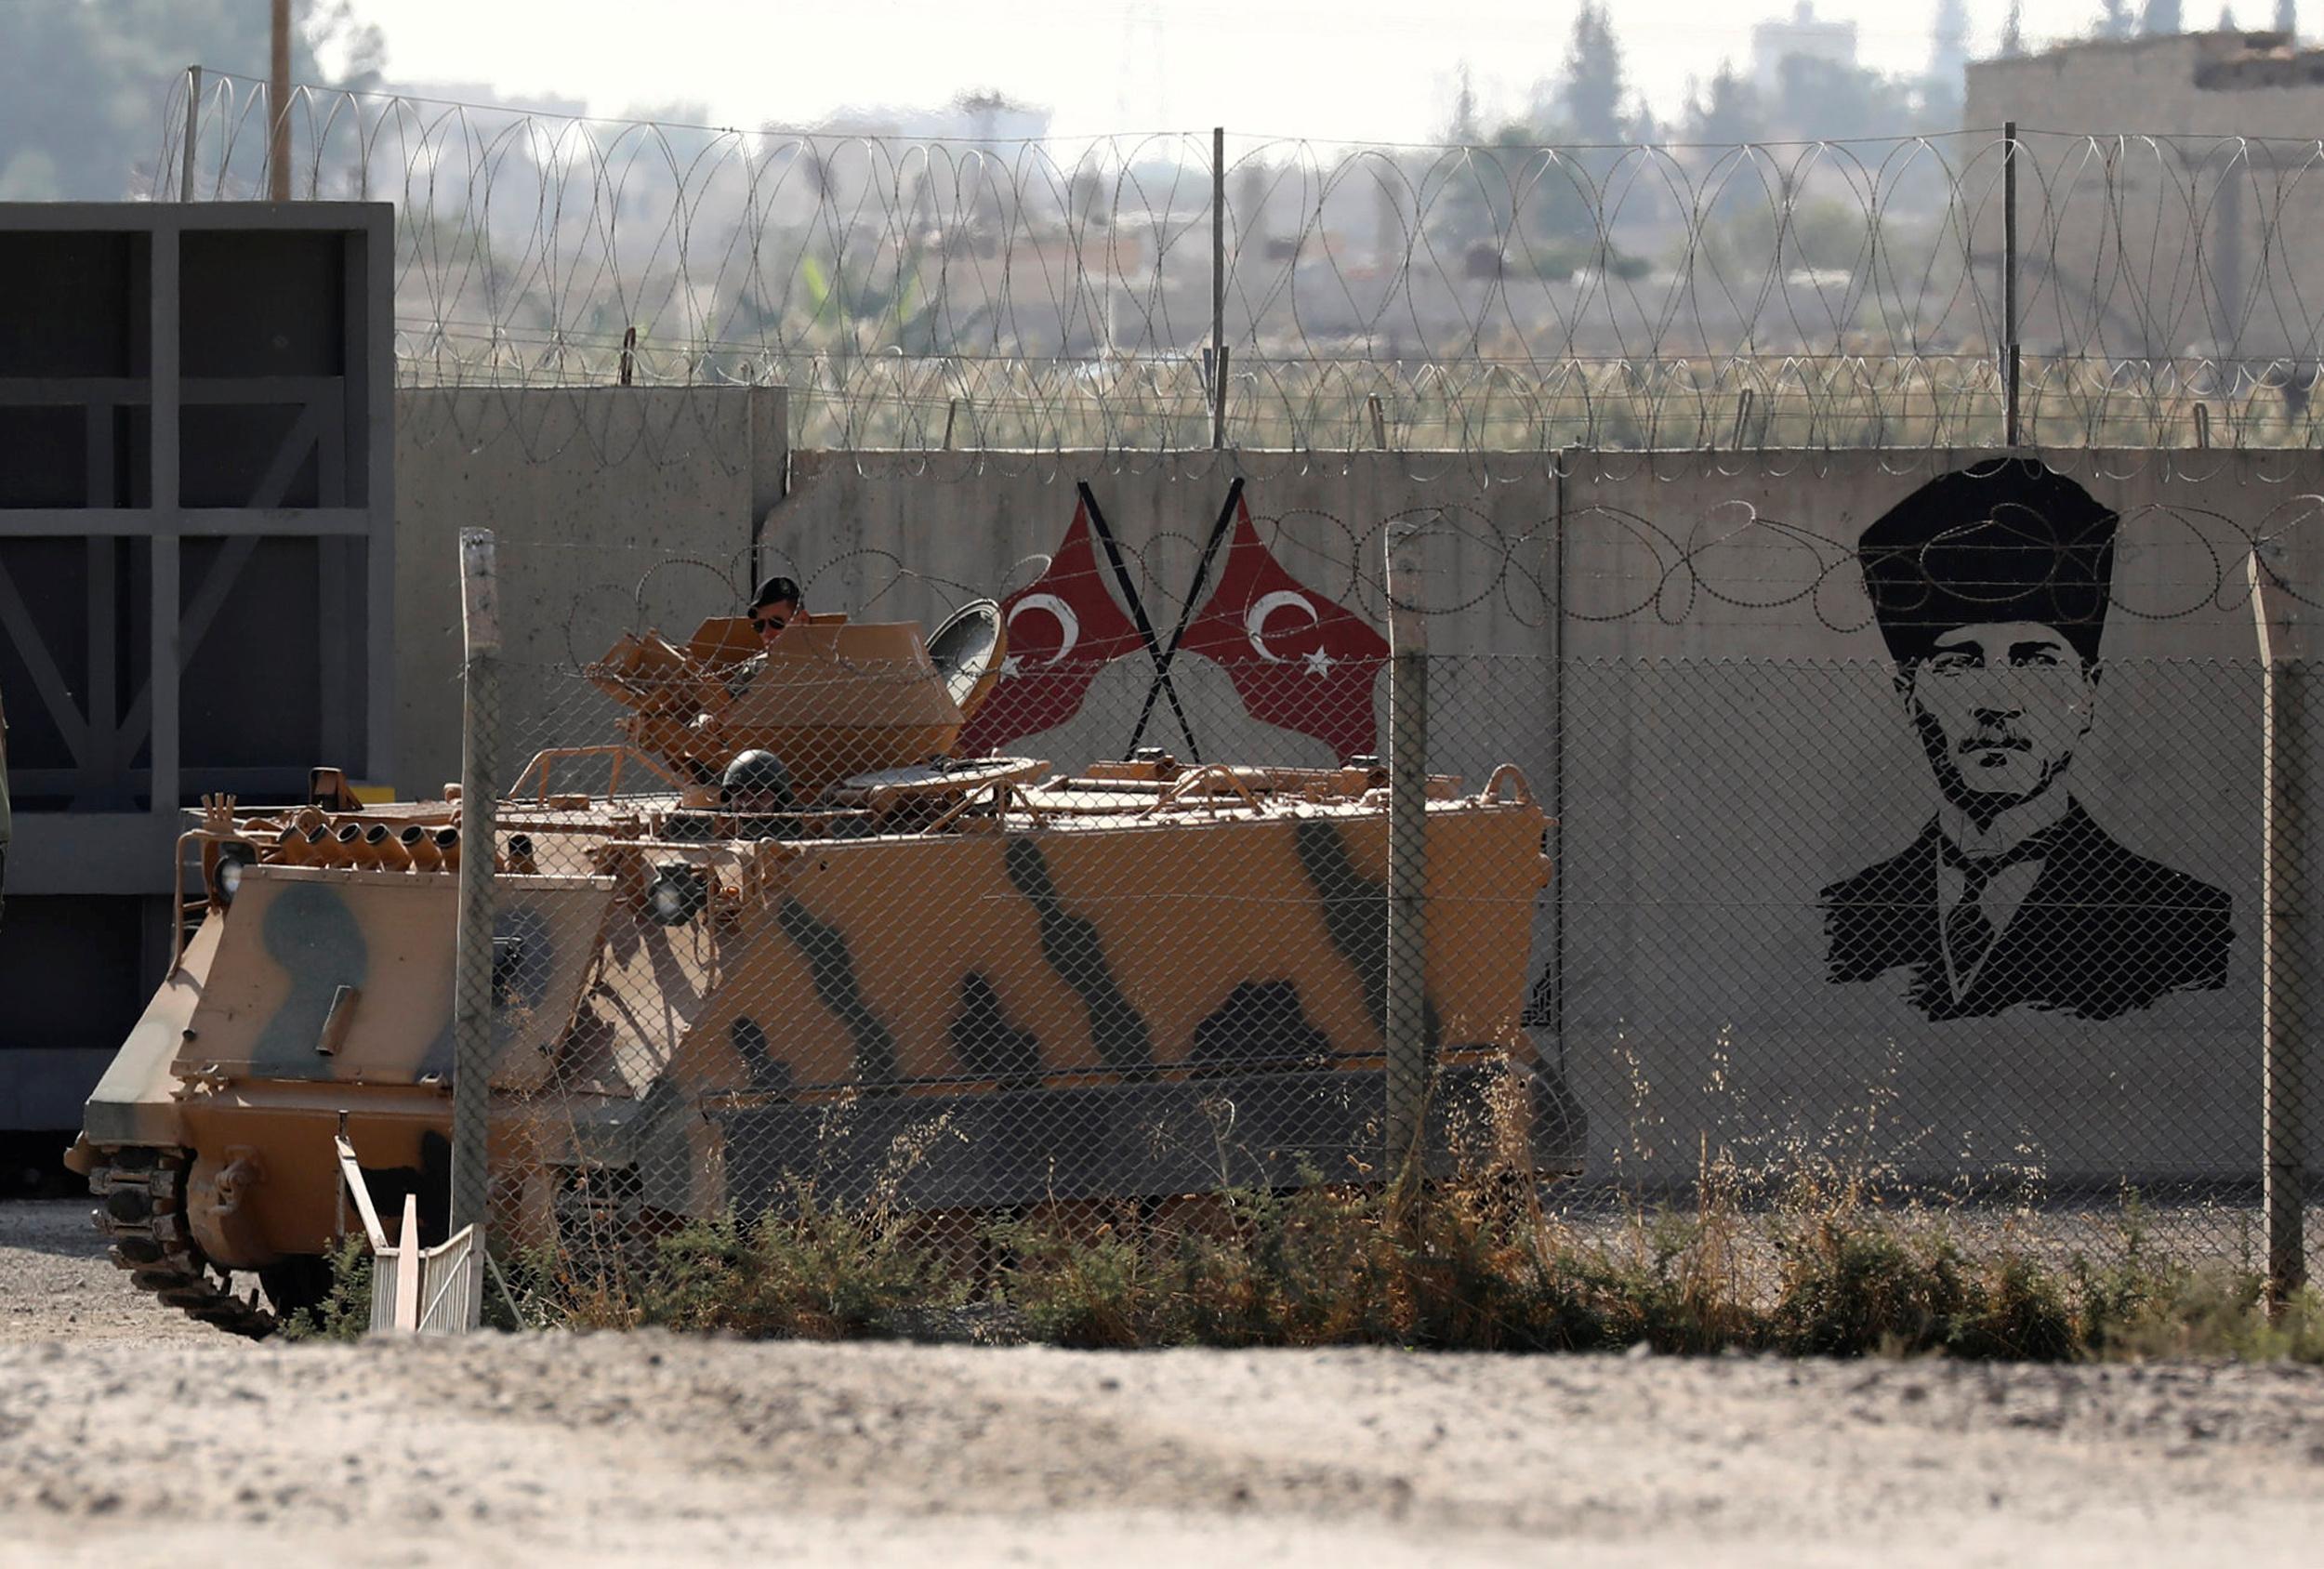 La Russie dit que les forces kurdes syriennes se retirent de la frontière turque